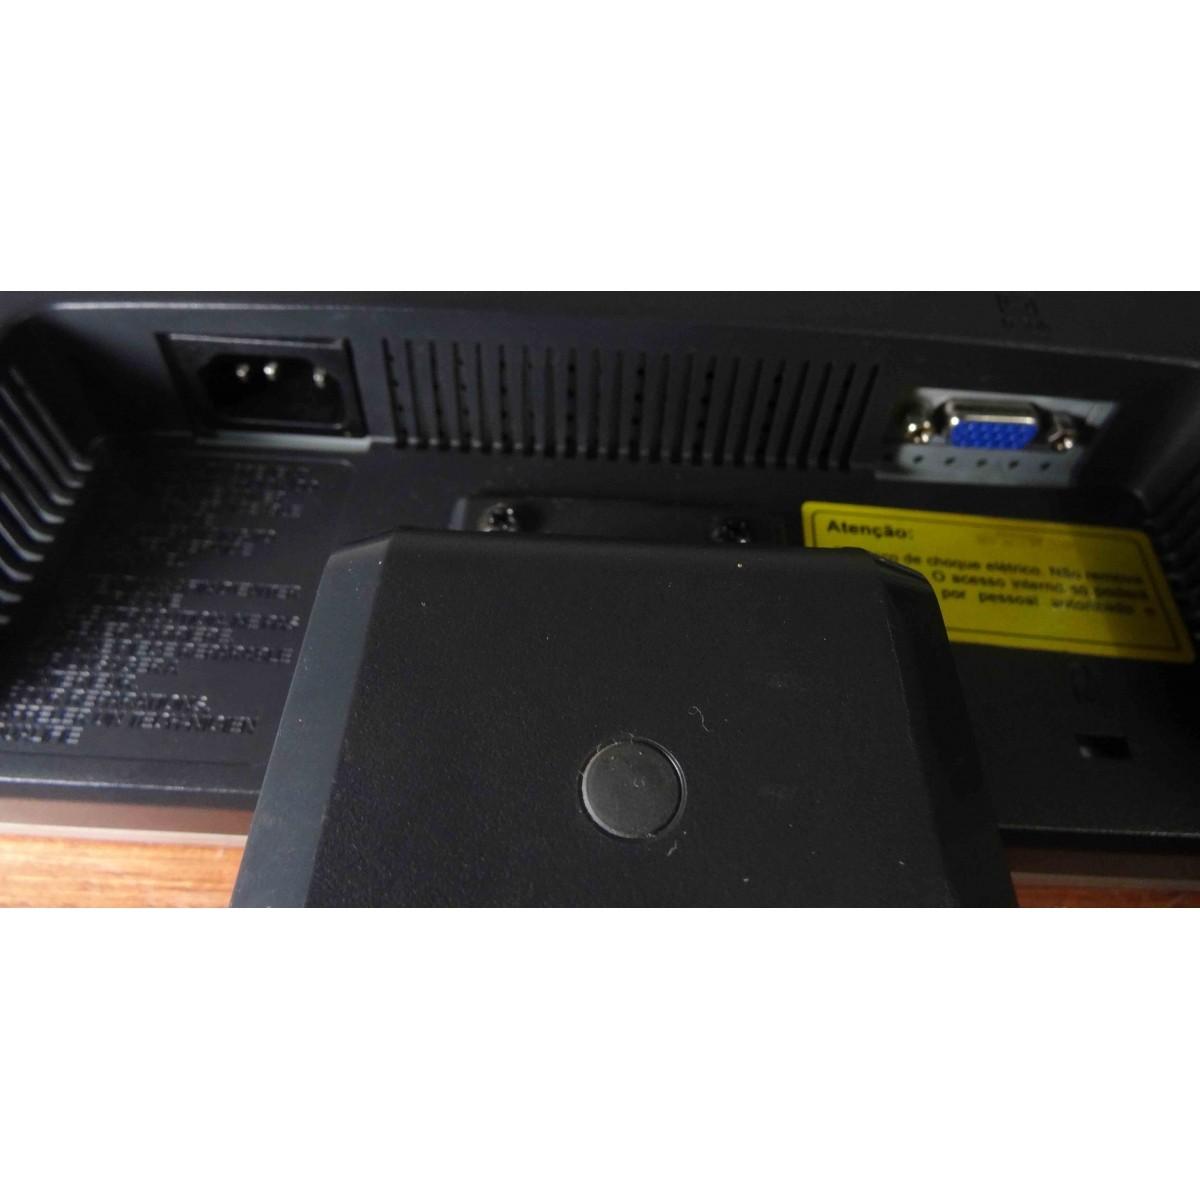 Monitor LG Flatron LI550S LCD 15 polegadas